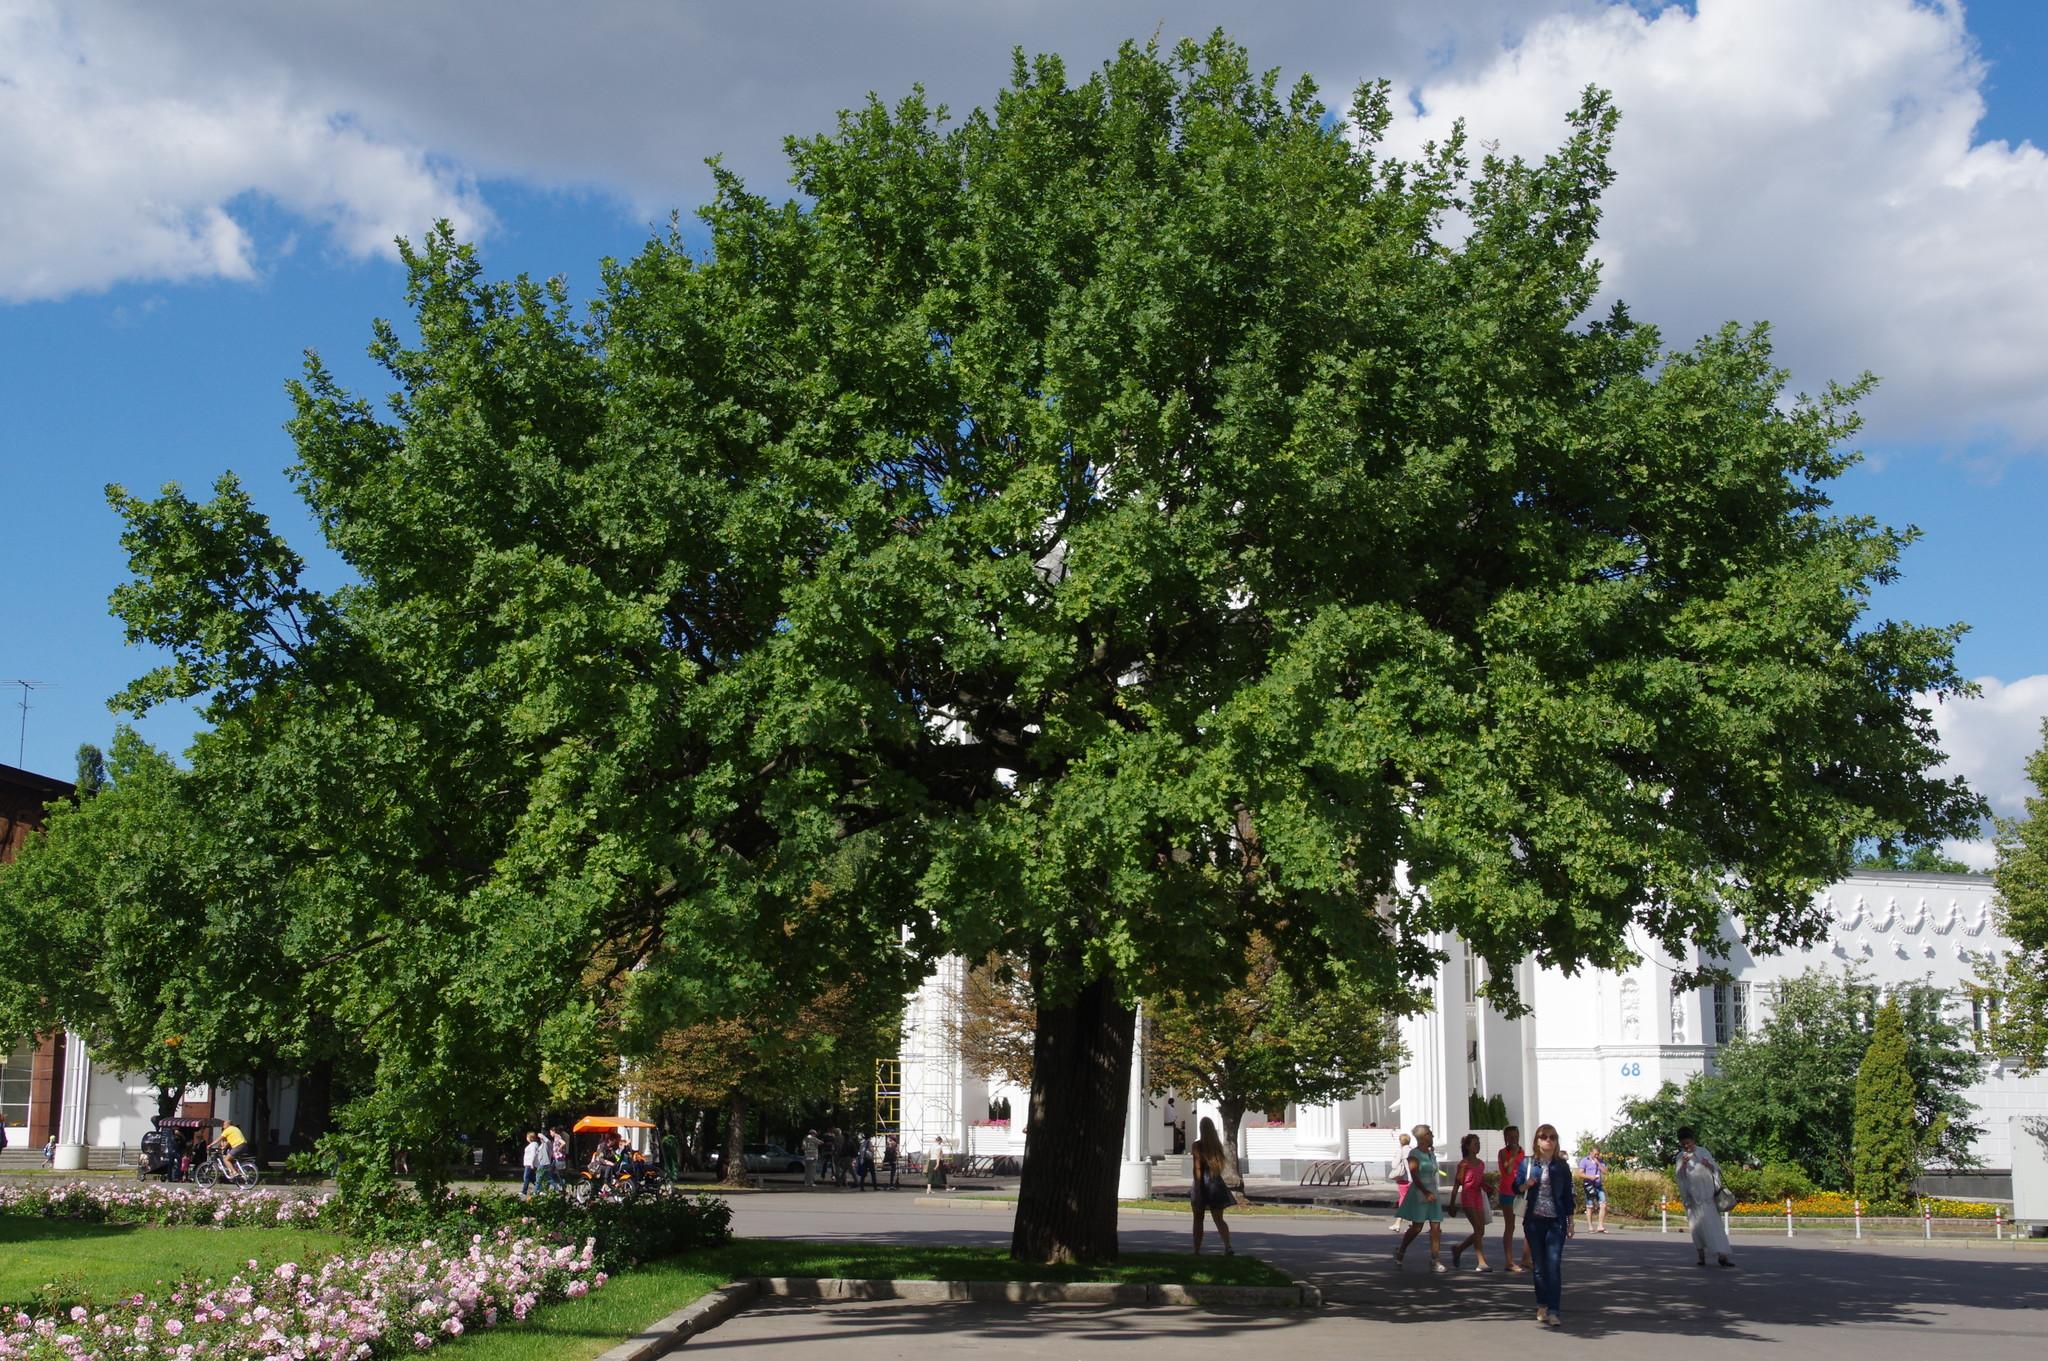 Примерный возраст этого дуба — около 220 лет